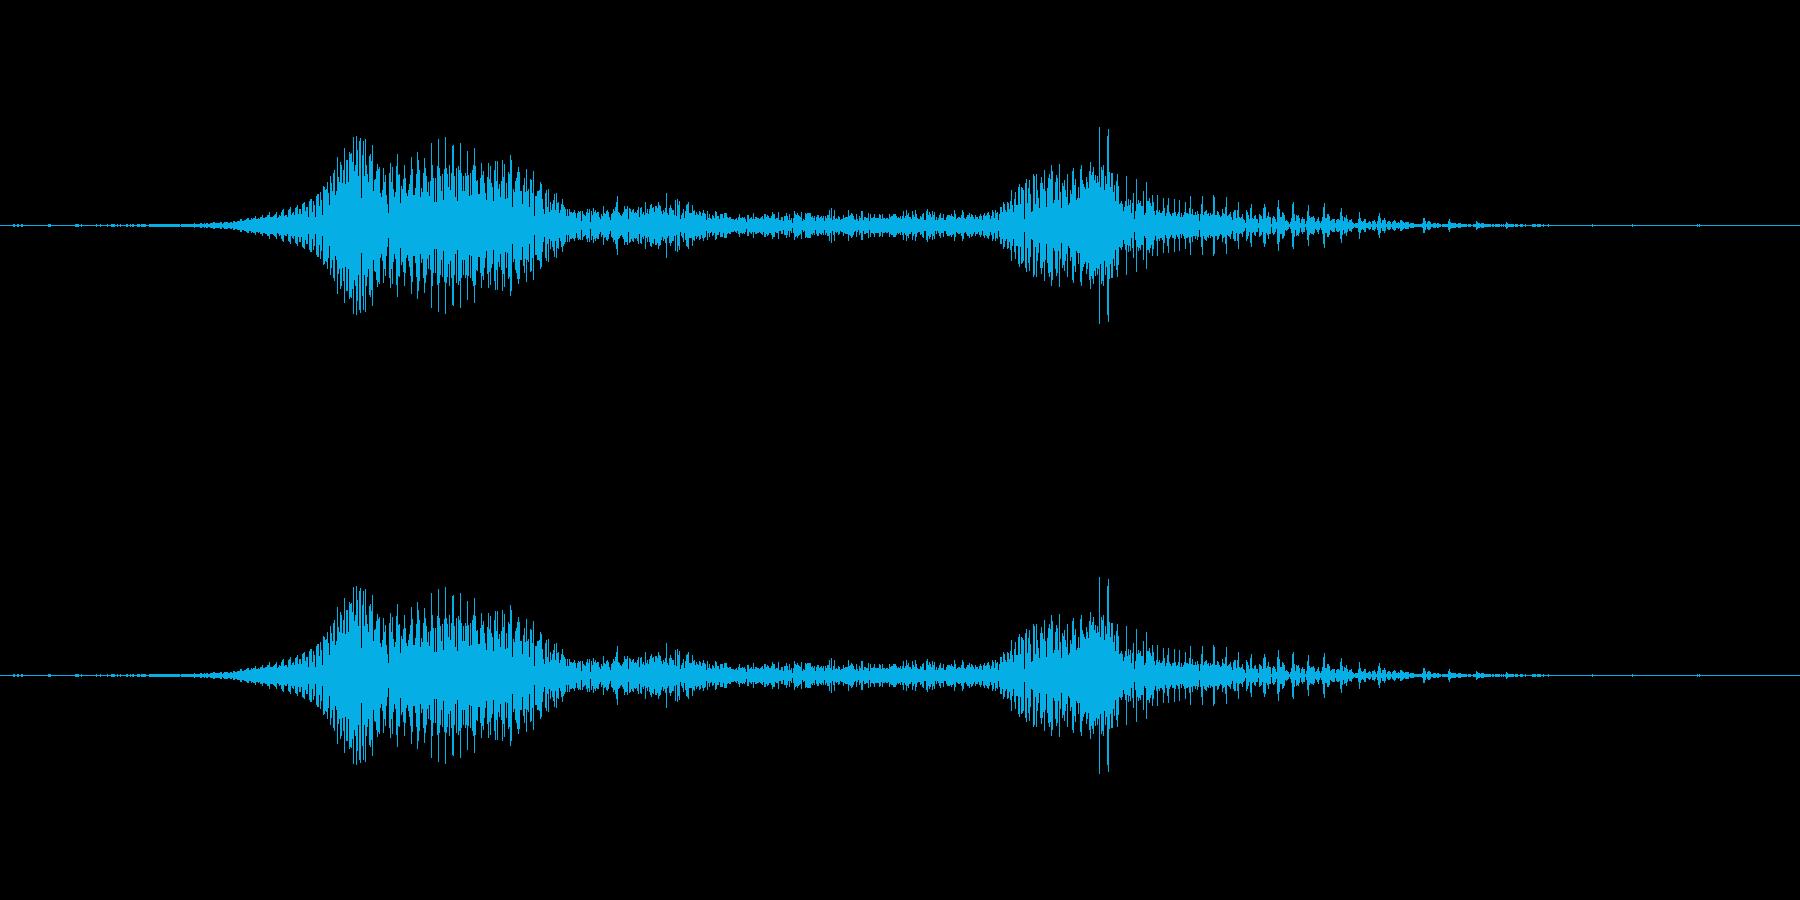 ぃやっさー!和風掛け声 - 男性 -の再生済みの波形